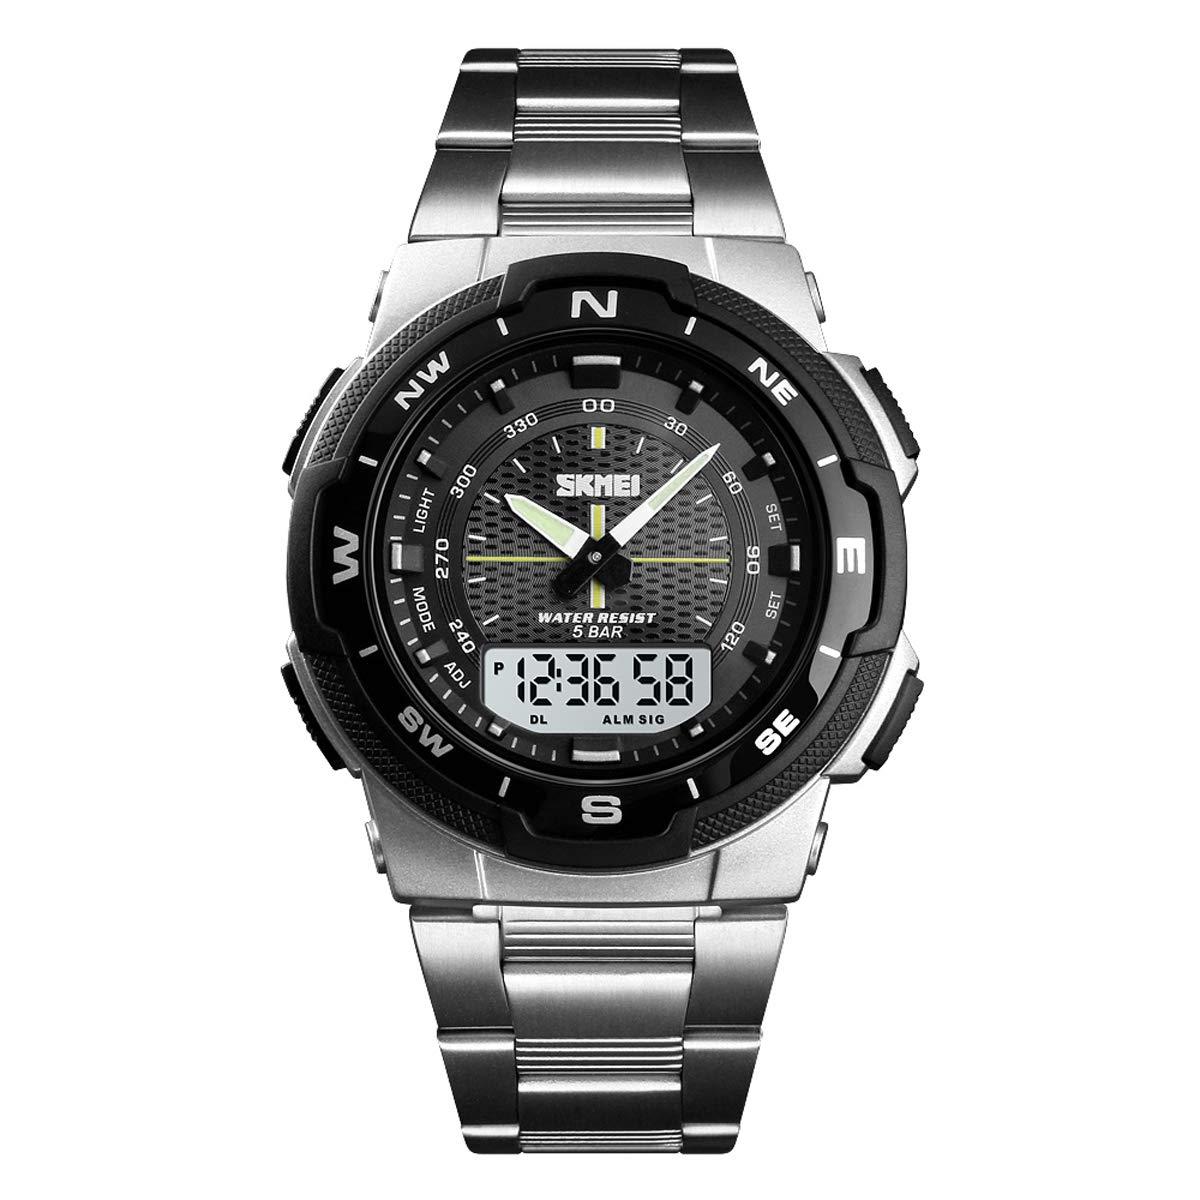 Reloj Tywskmei1370 BlackAmazon Para esRelojes Loluka c3TJlF1K